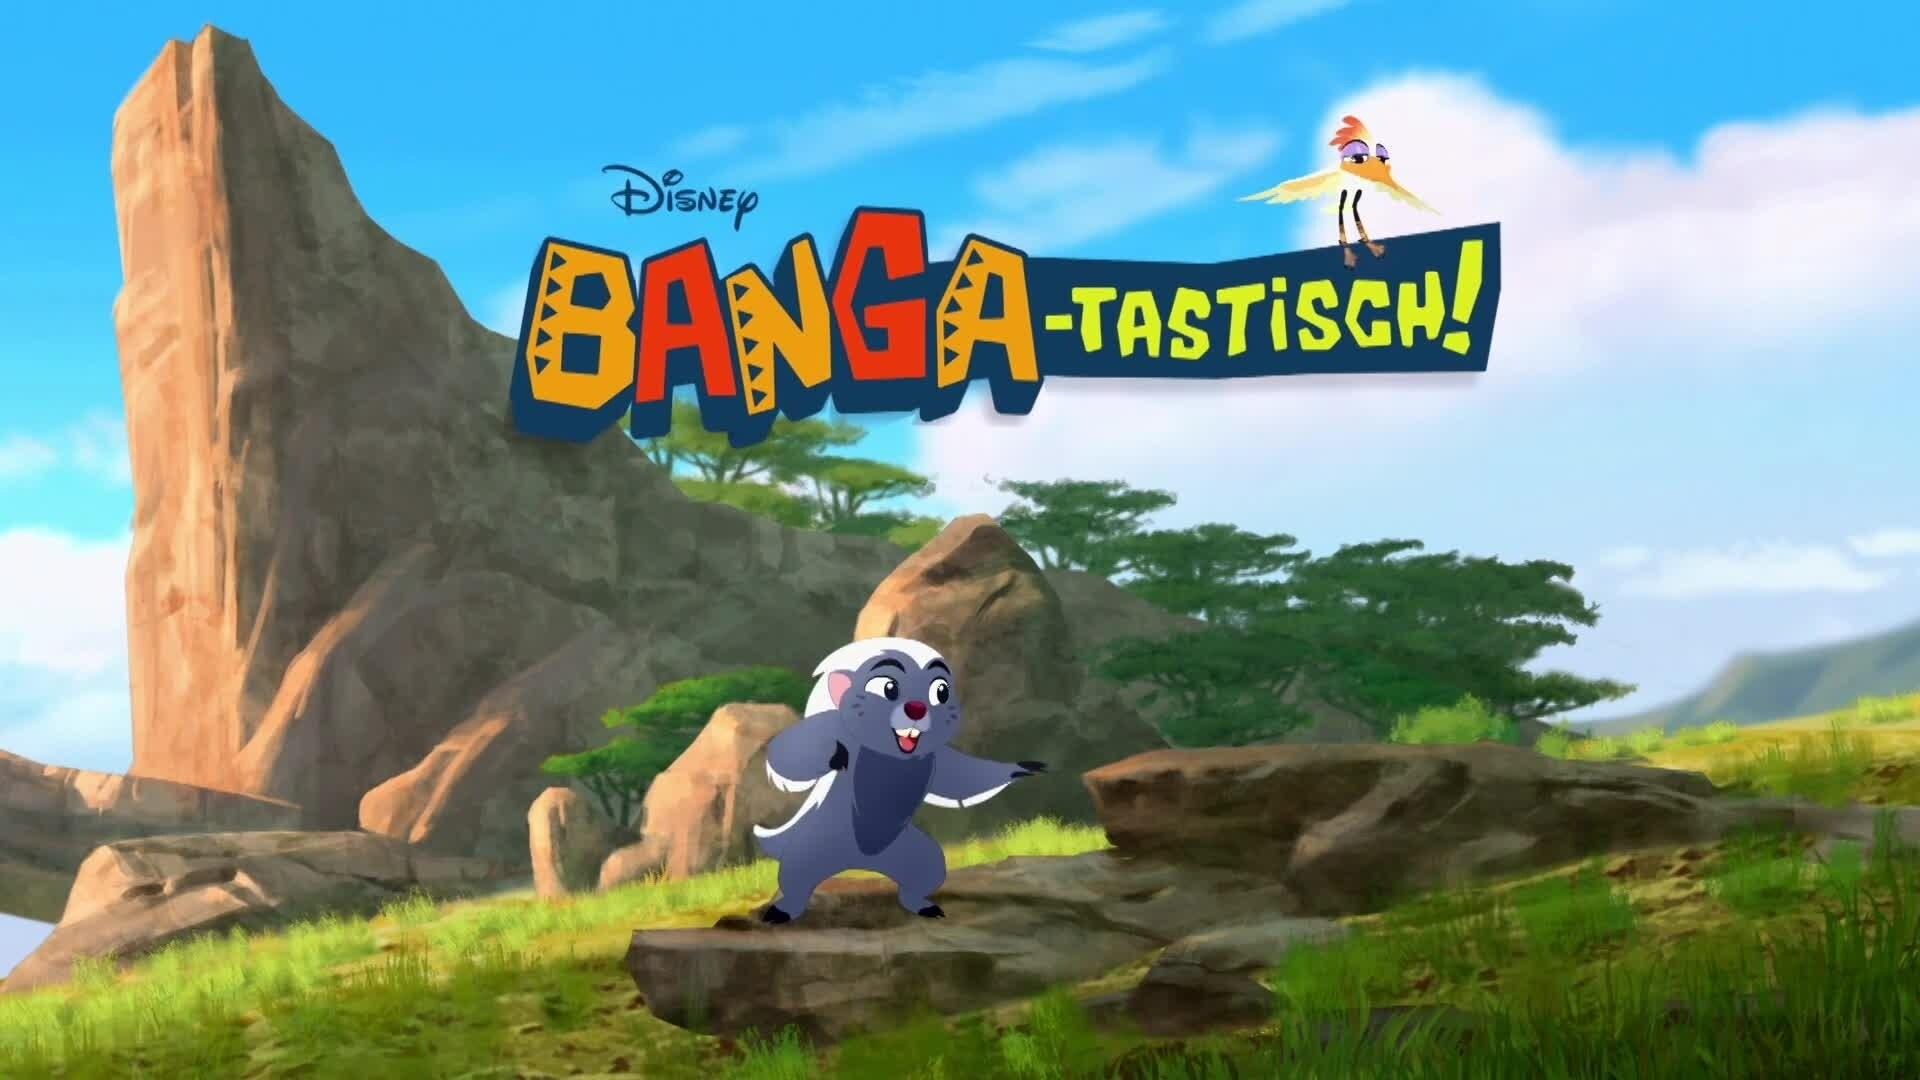 Die Garde der Löwen: Banga-tastisch! - Folge 8